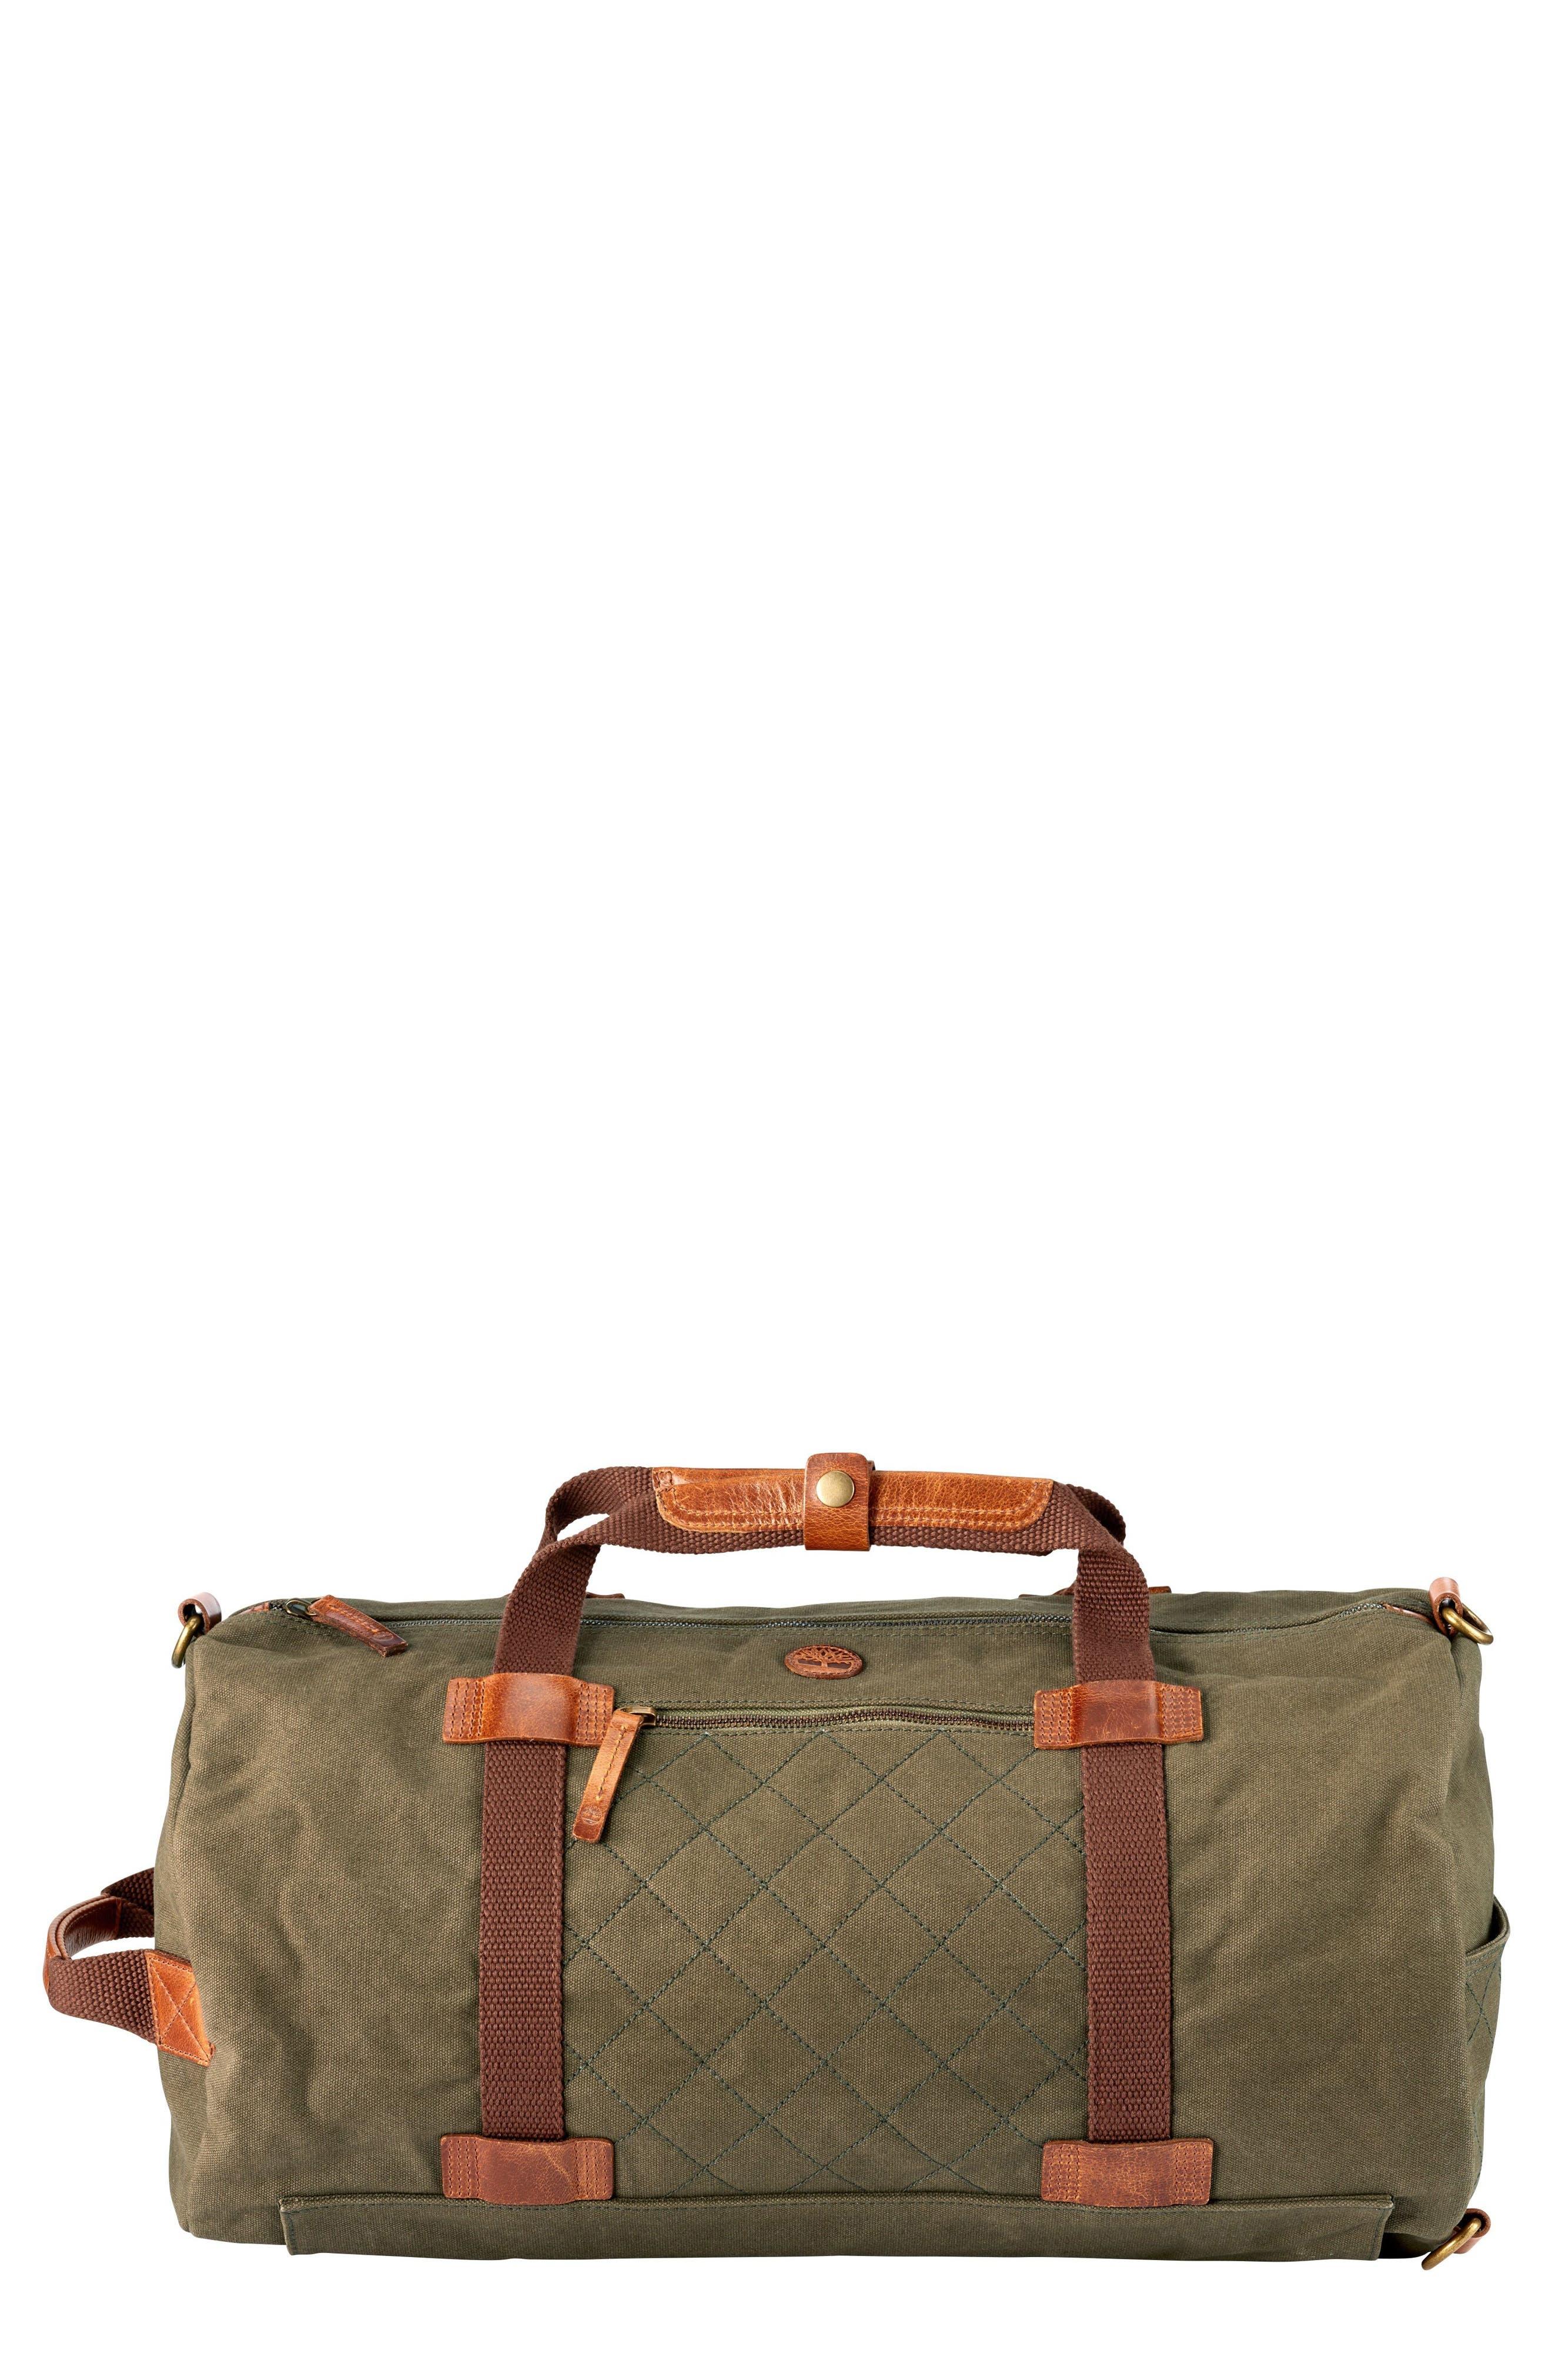 Alternate Image 1 Selected - Timberland Nantasket Duffel Bag